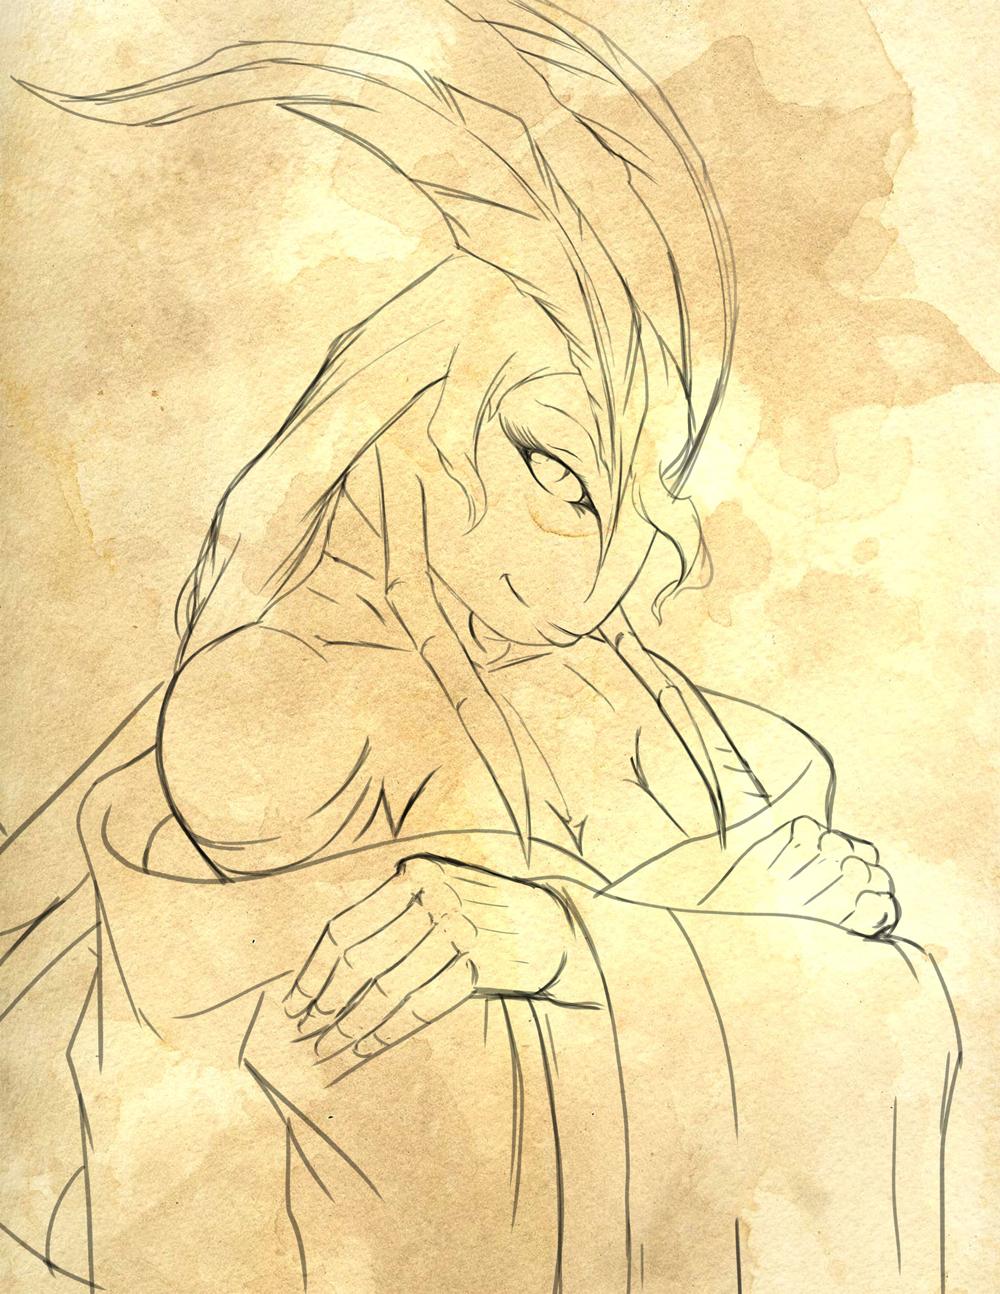 Liu sketch